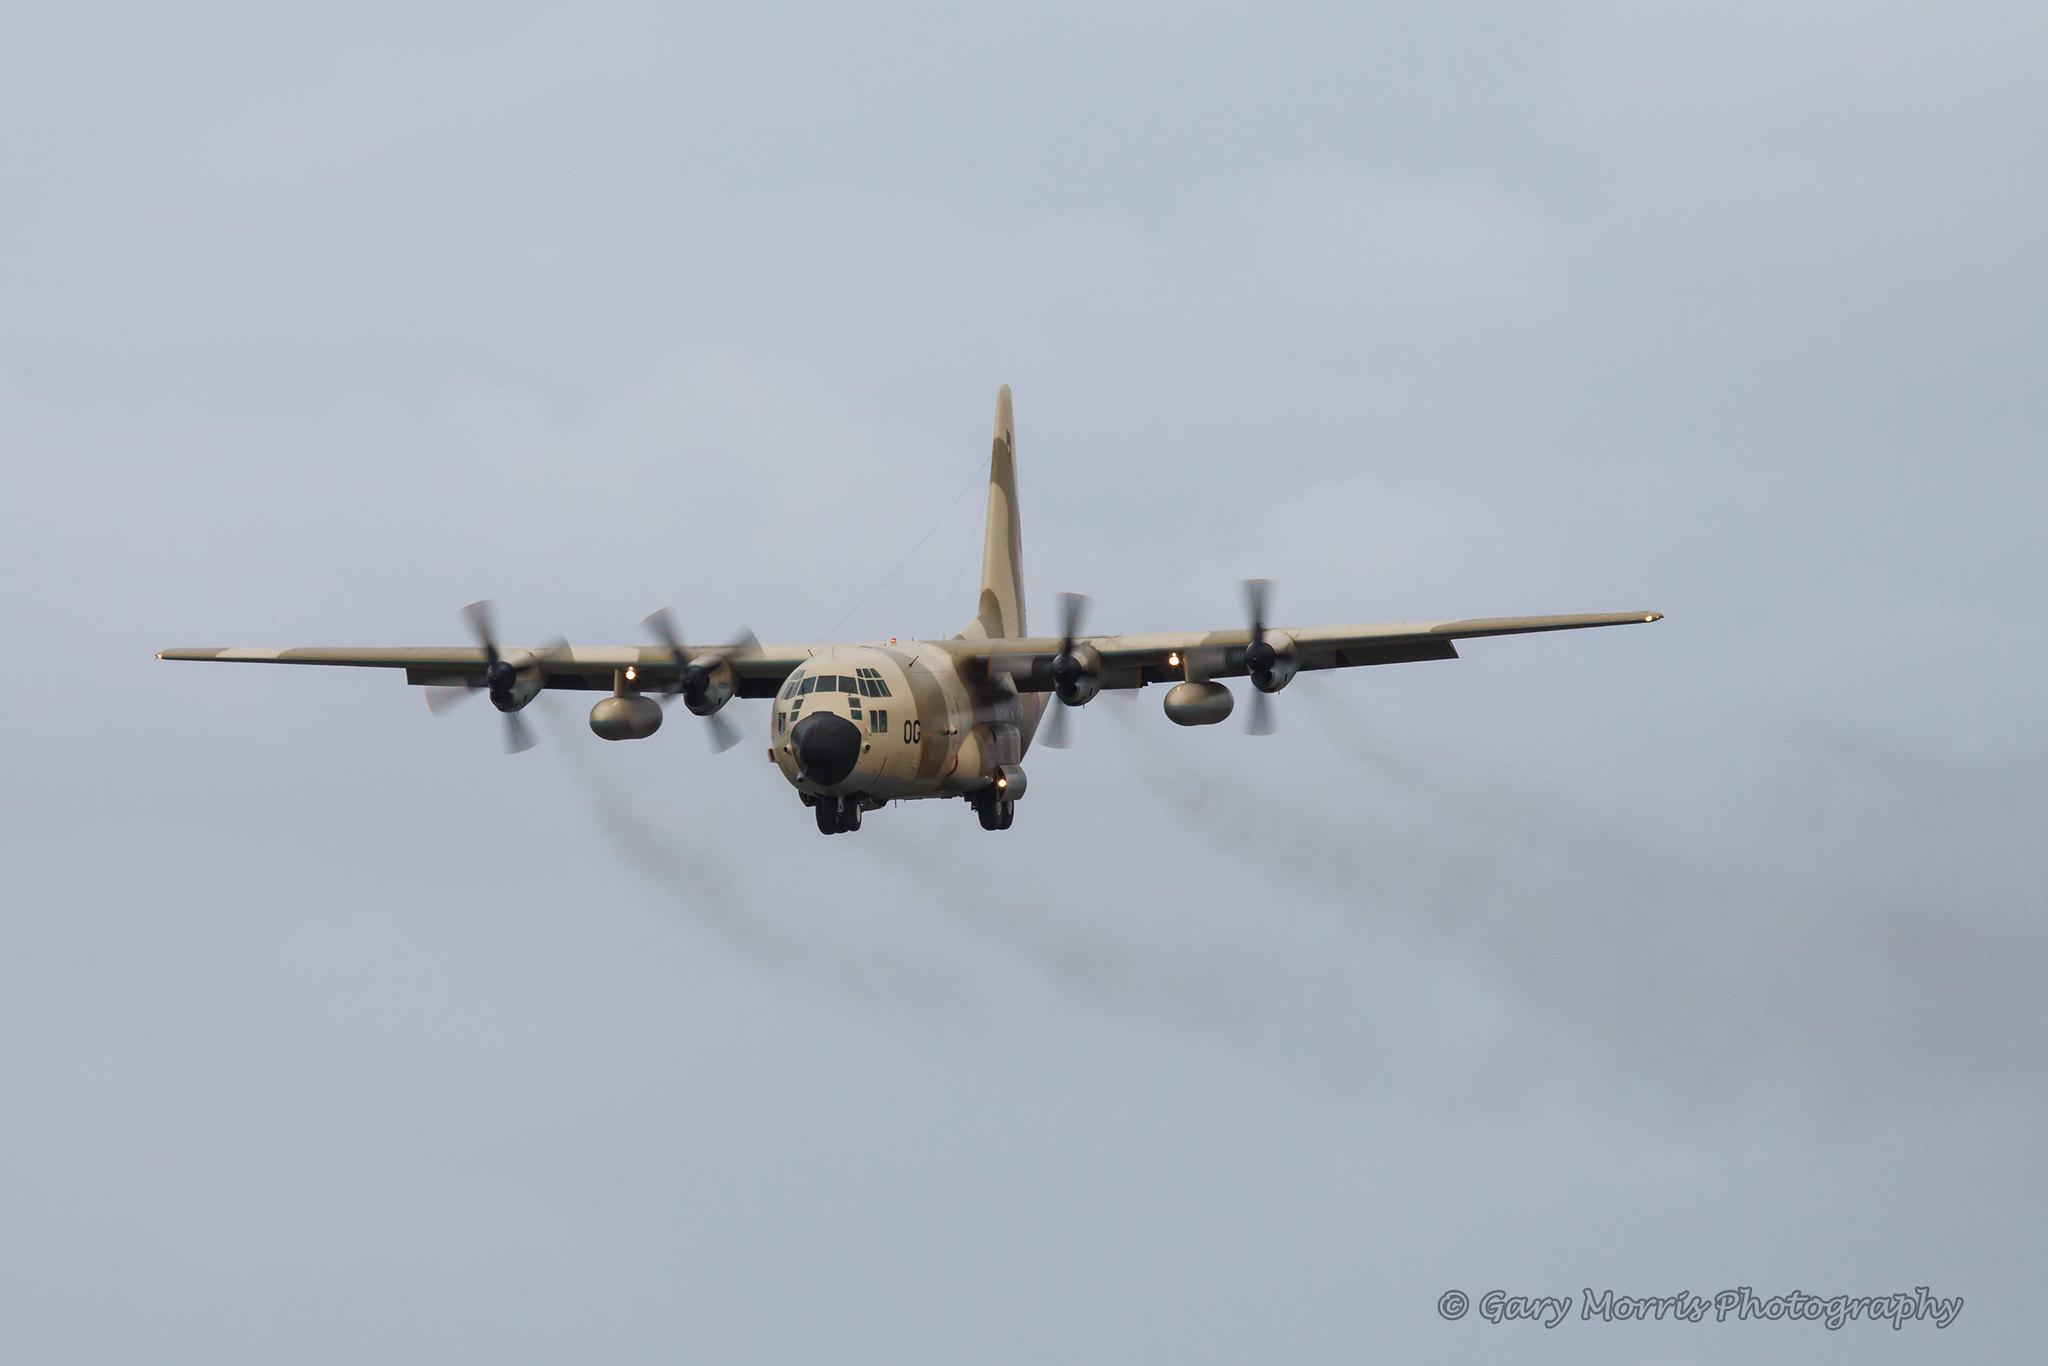 FRA: Photos d'avions de transport - Page 21 16478687087_9bce9497eb_k